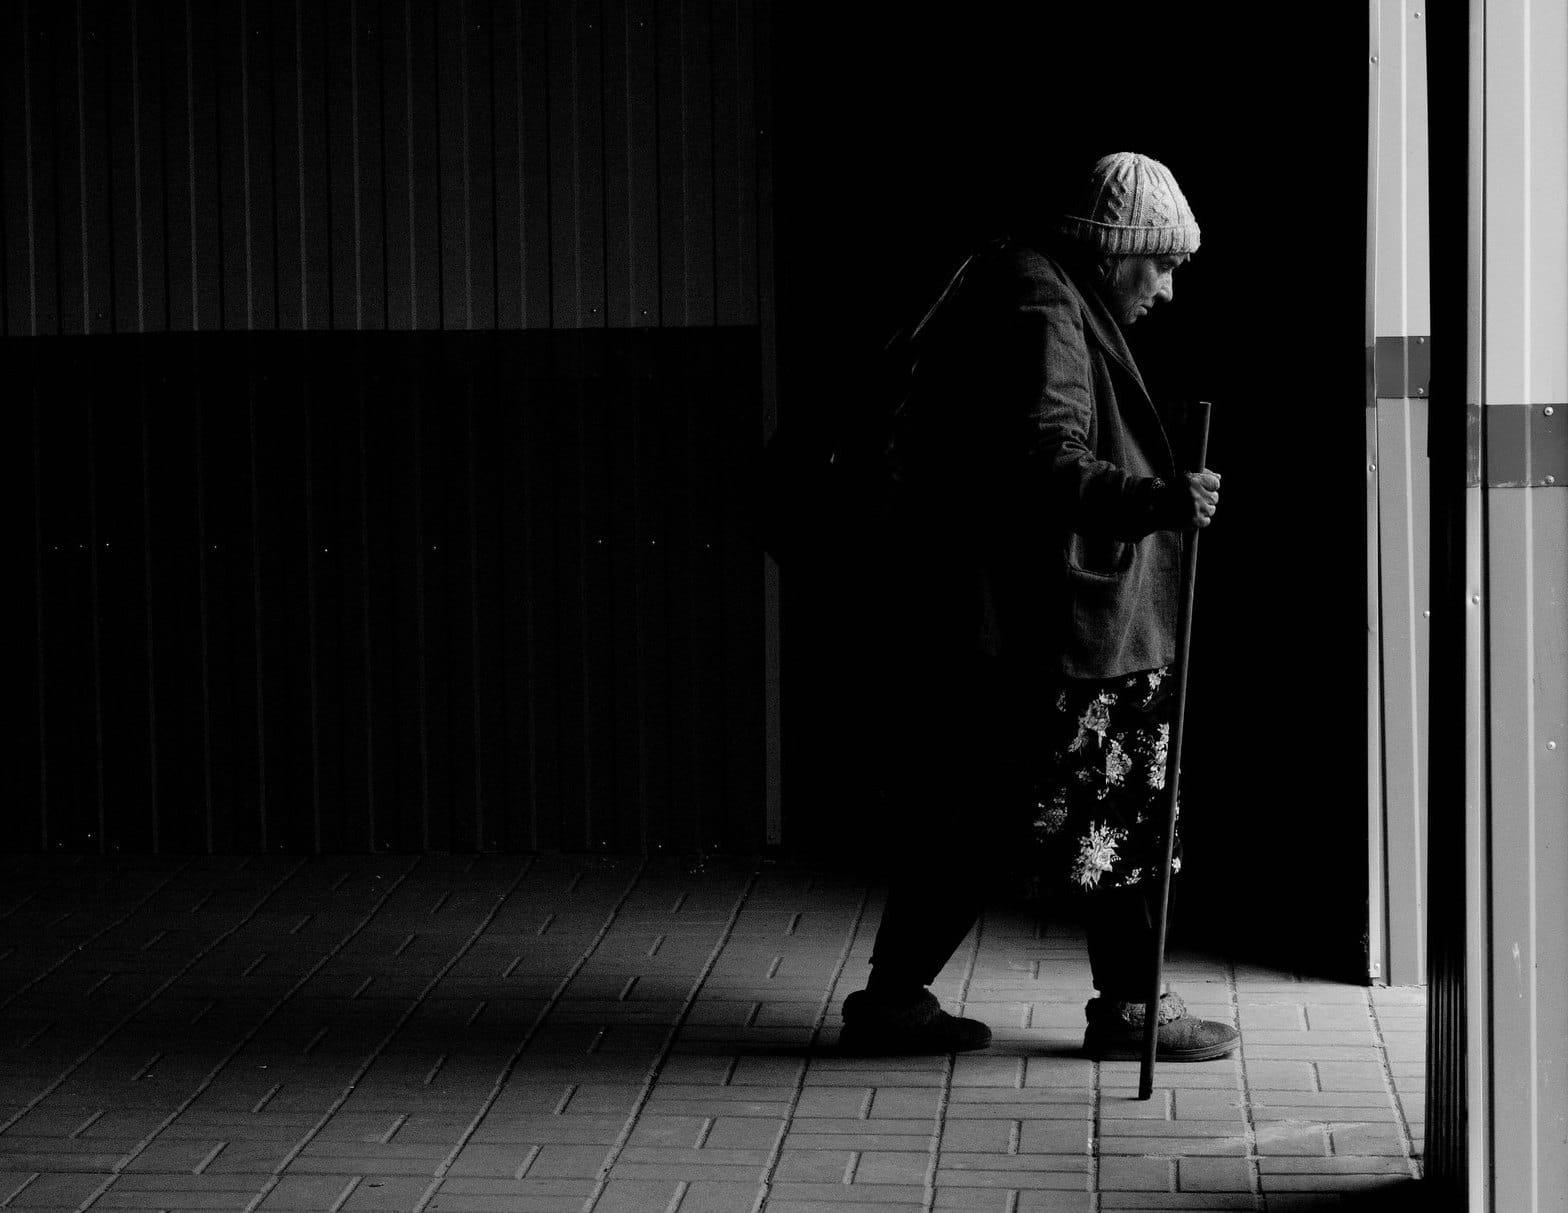 Еще одна идея ЛДПР: платить одиноким пенсионерам «новогодний капитал»